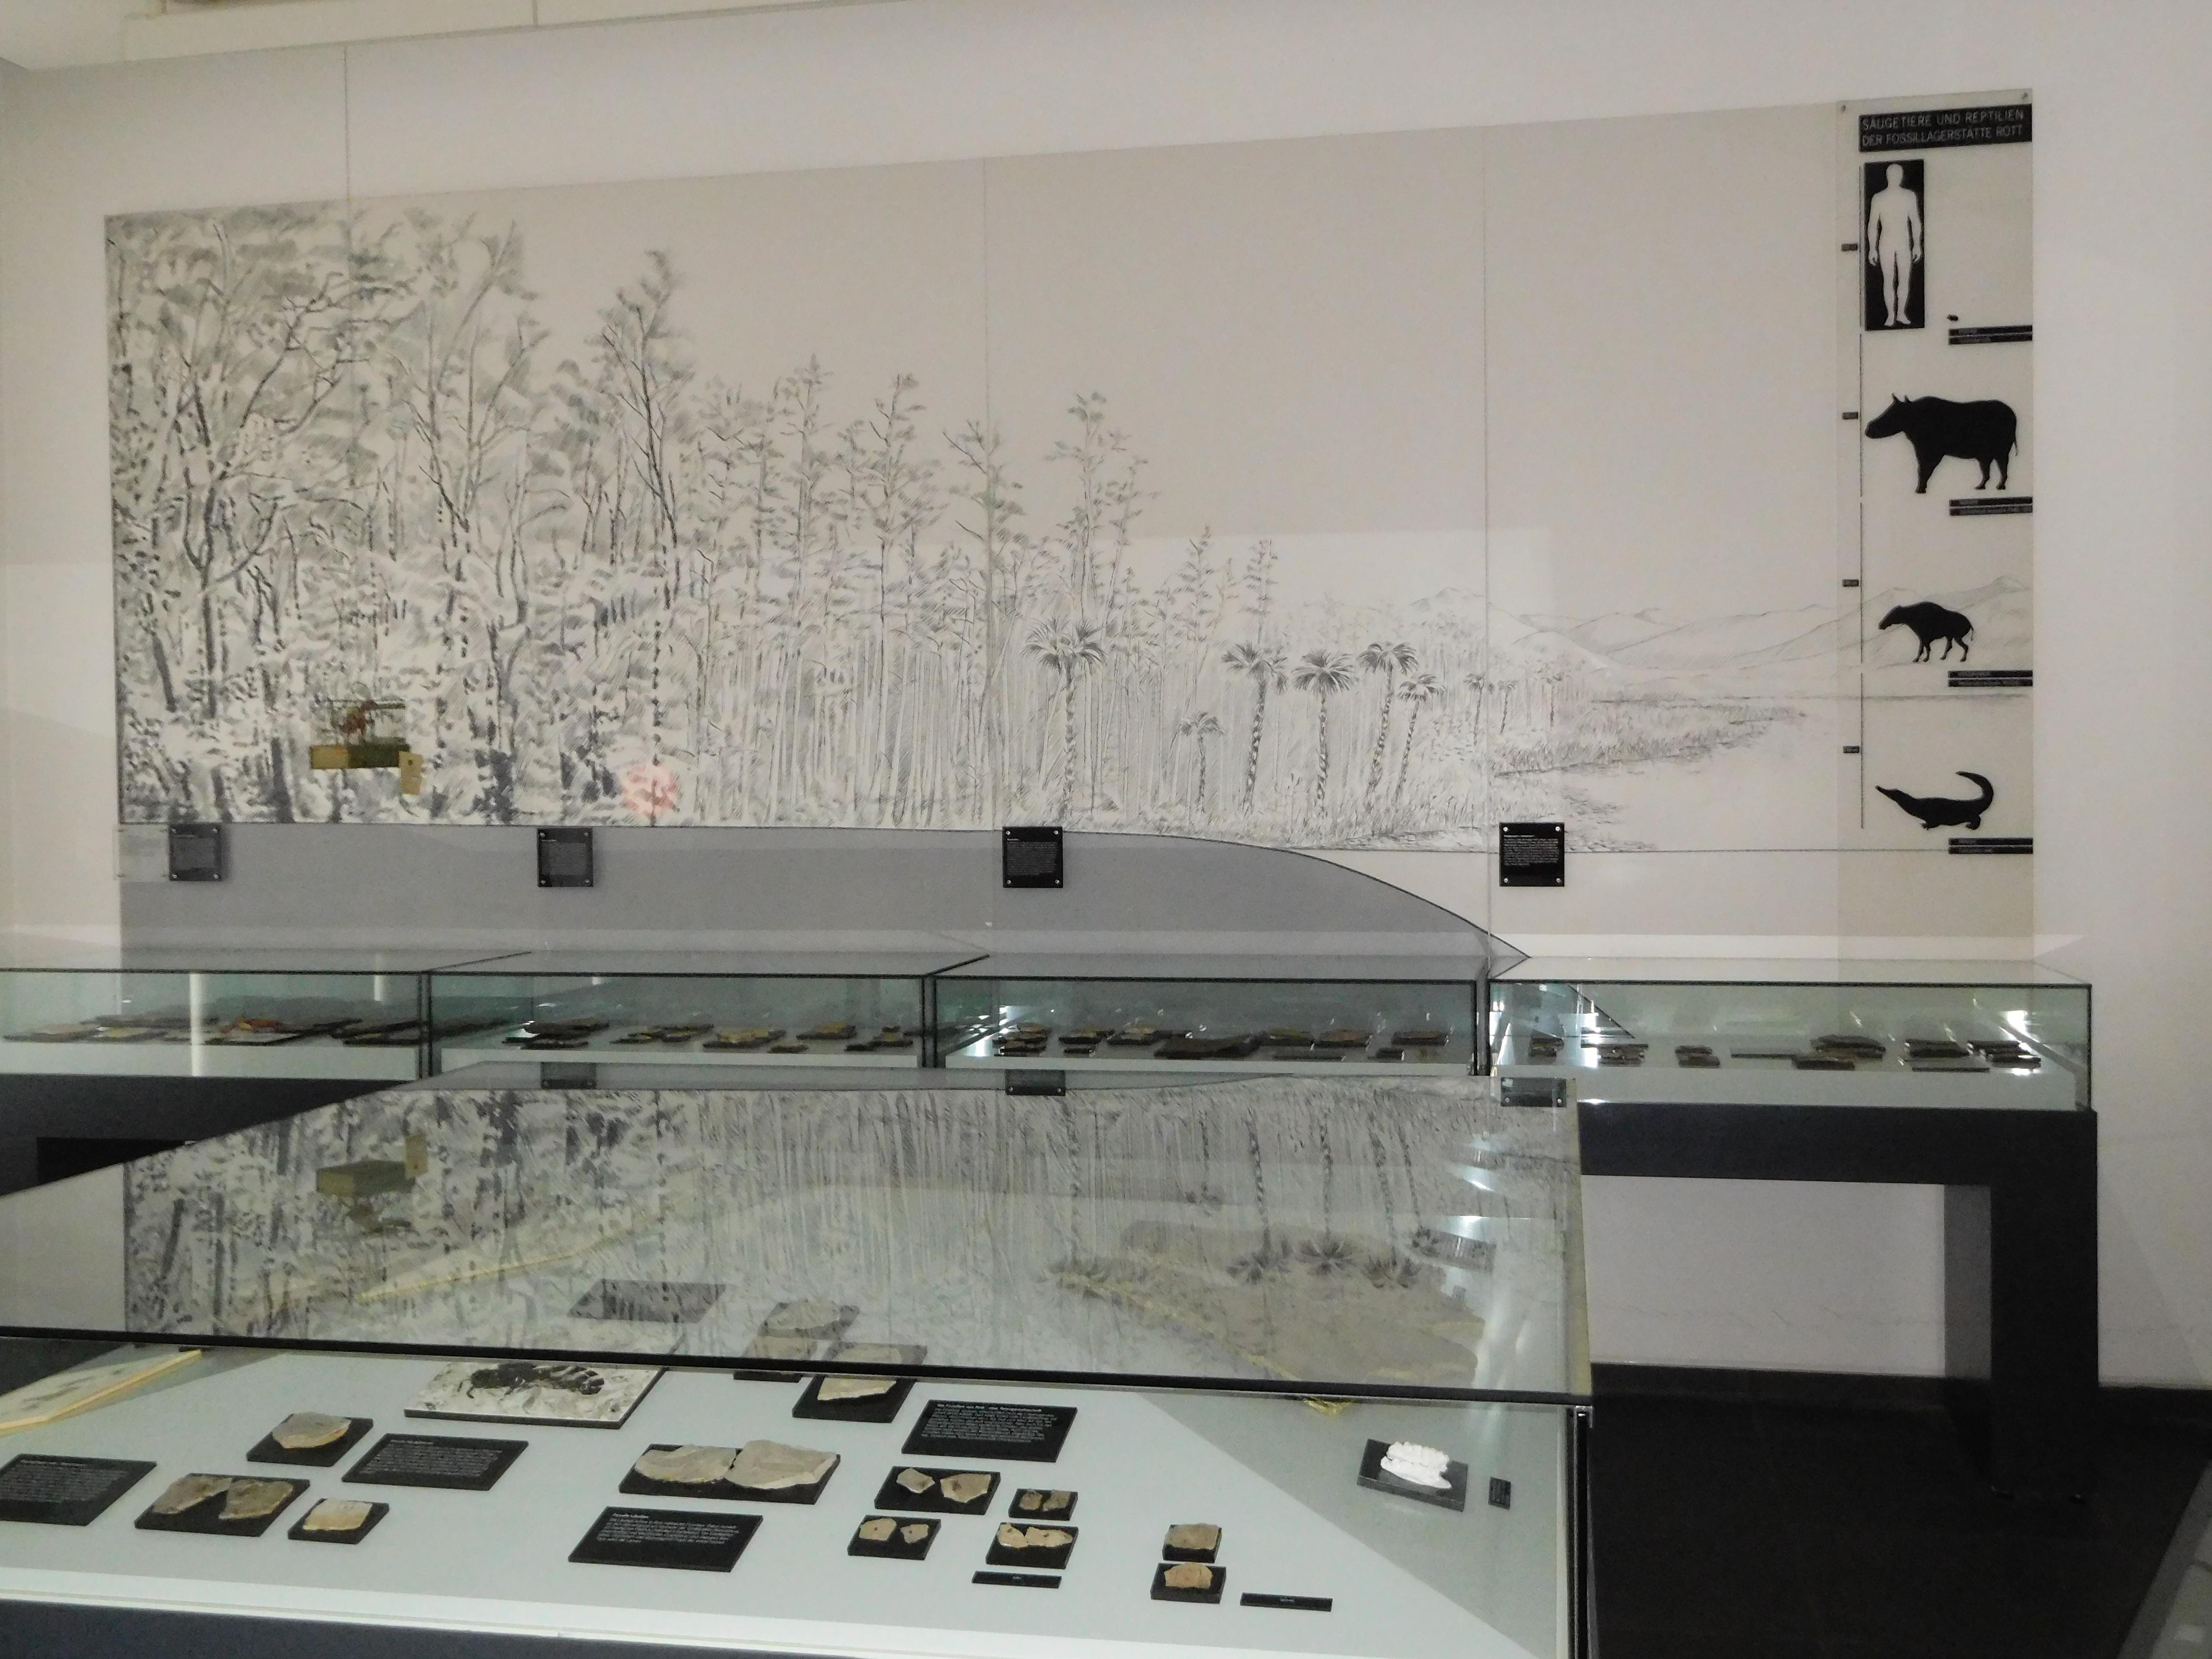 Ein Blick in die Abteilung zur Vor- und Frühgeschichte Siegburgs